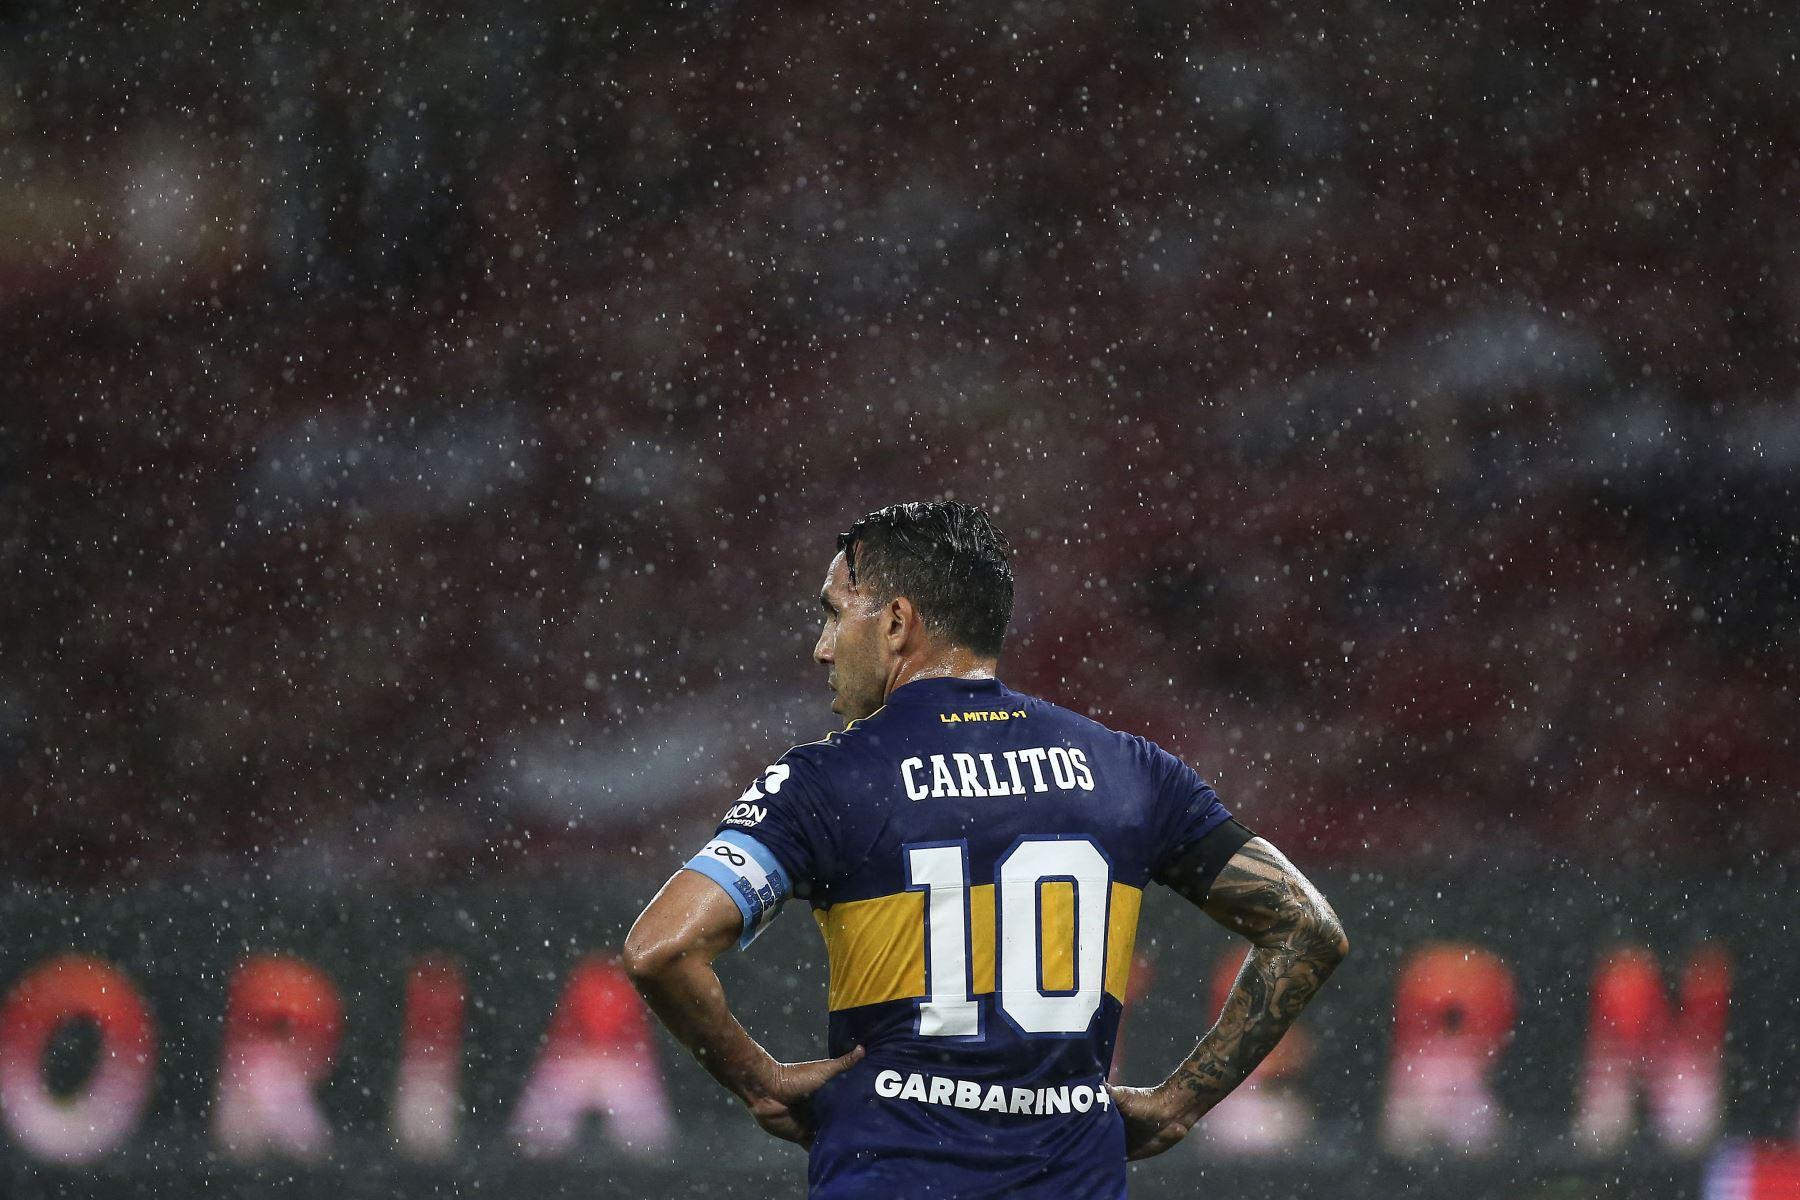 Tevez tiene contrato en Boca hasta diciembre de 2021, pero una cláusula le permite terminar su relación contractual seis meses antes. Foto: AFP